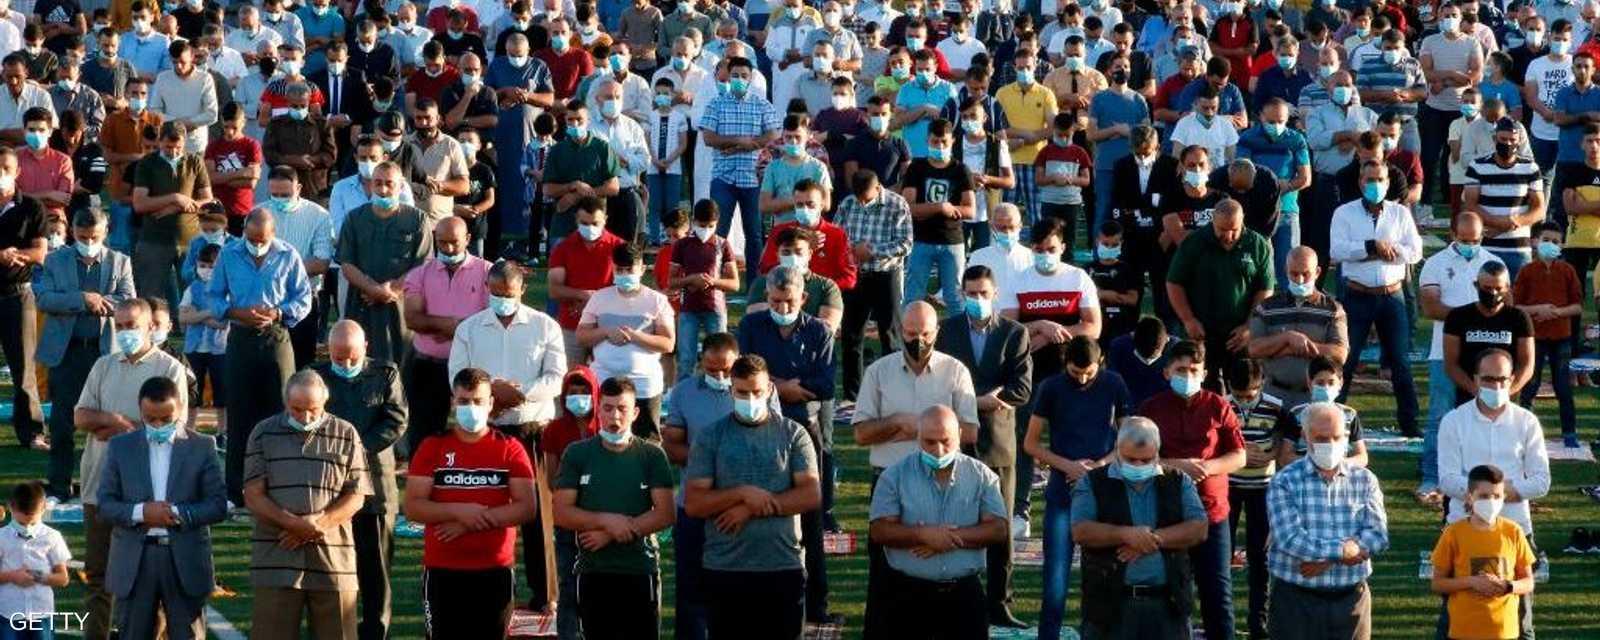 أدى المسلمون في أنحاء العالم صلاة عيد الأضحى، الجمعة، في صفوف متباعدة في المساجد والشوارع والكمامات على وجوههم وسط إجراءات للوقاية من فيروس كورونا المستجد.